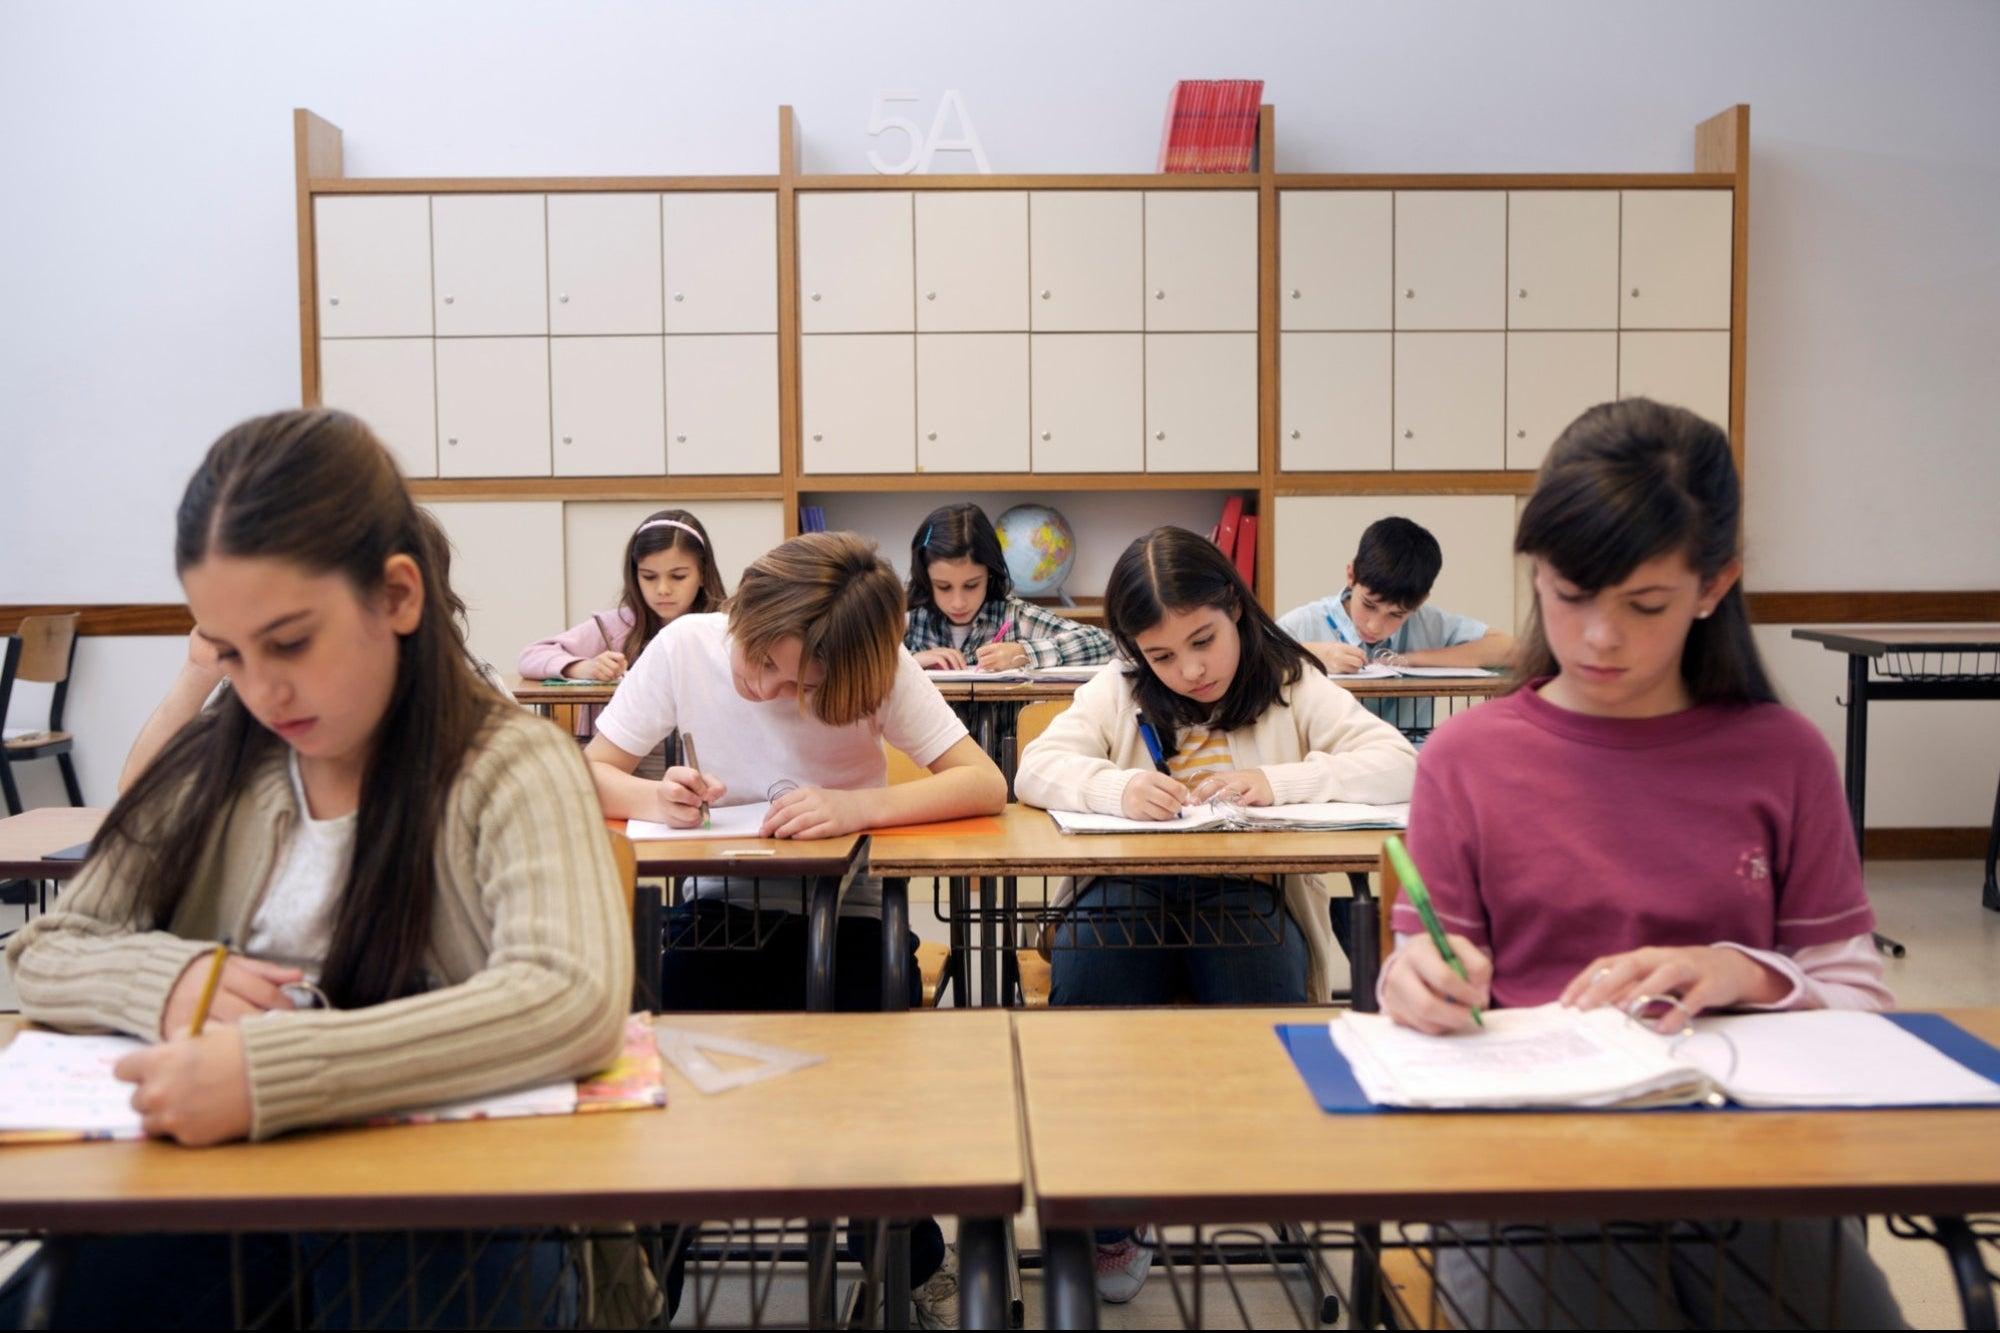 Escuelas privadas regresan a clases presenciales el 1 de marzo sin importar semáforo